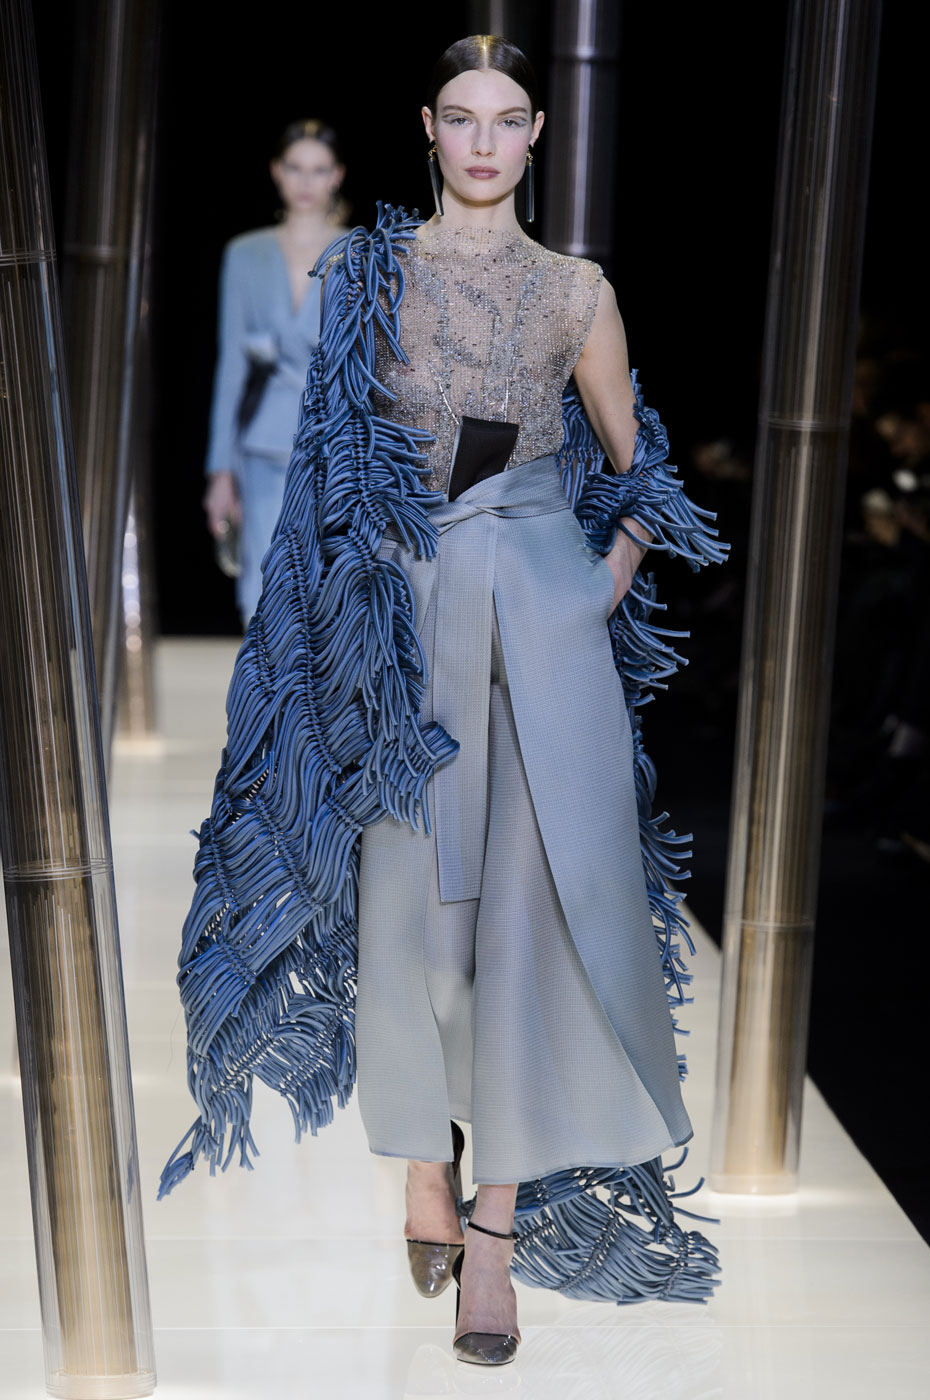 Giorgio-armani-Prive-fashion-runway-show-haute-couture-paris-spring-2015-the-impression-049